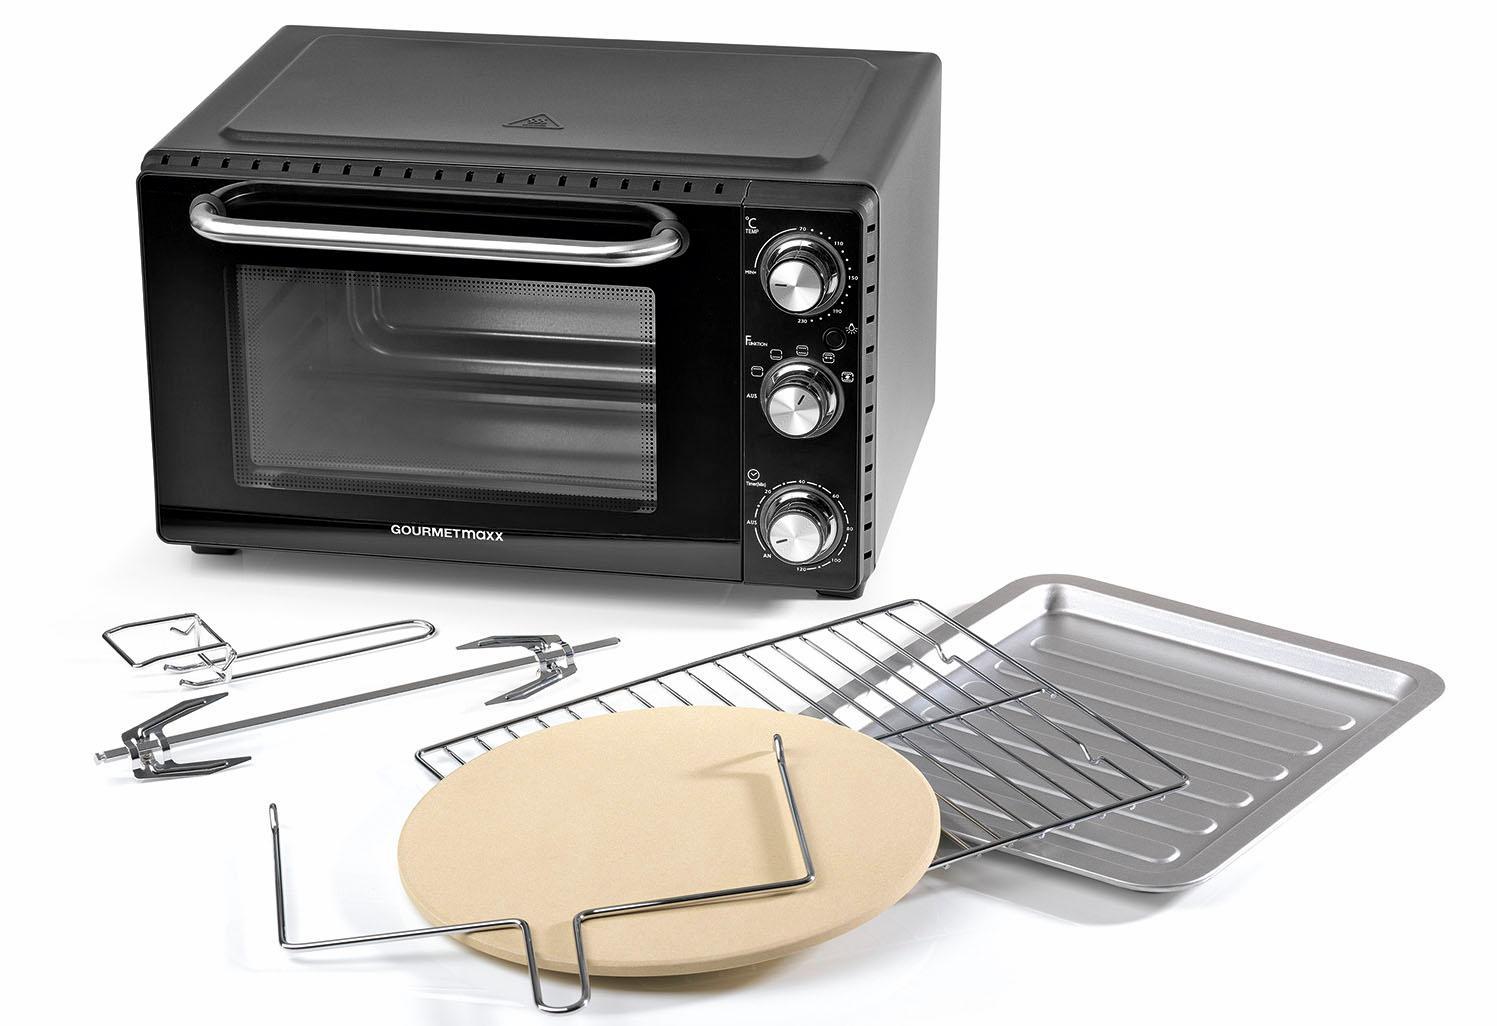 GOURMETmaxx Minibackofen Infrarot-Ofen, 1500 W | Küche und Esszimmer > Küchenelektrogeräte > Küche Grill | Schwarz | GOURMETMAXX